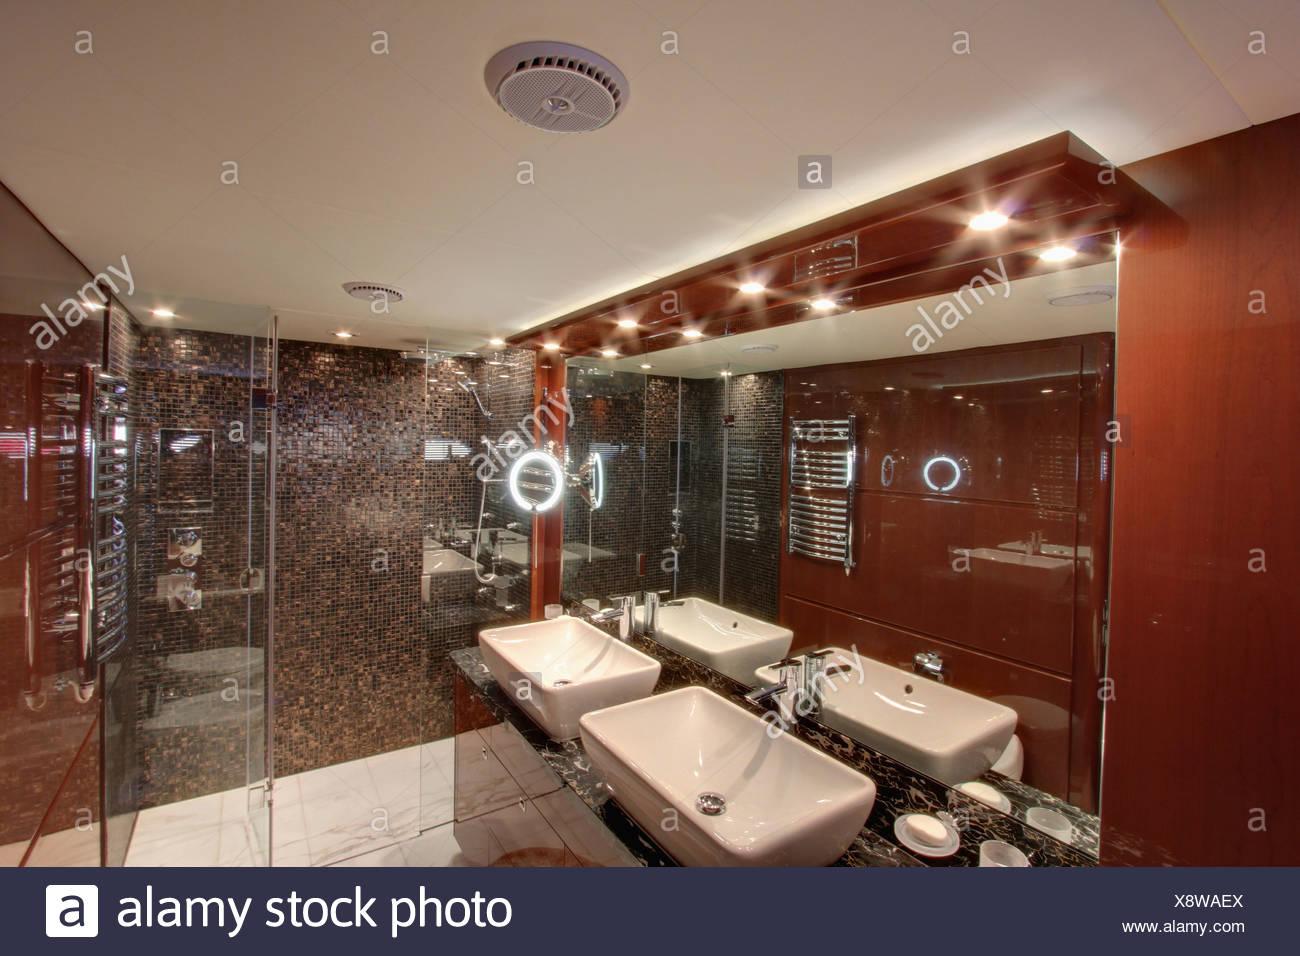 Down illuminazione e specchio sopra doppi lavandini in bagno